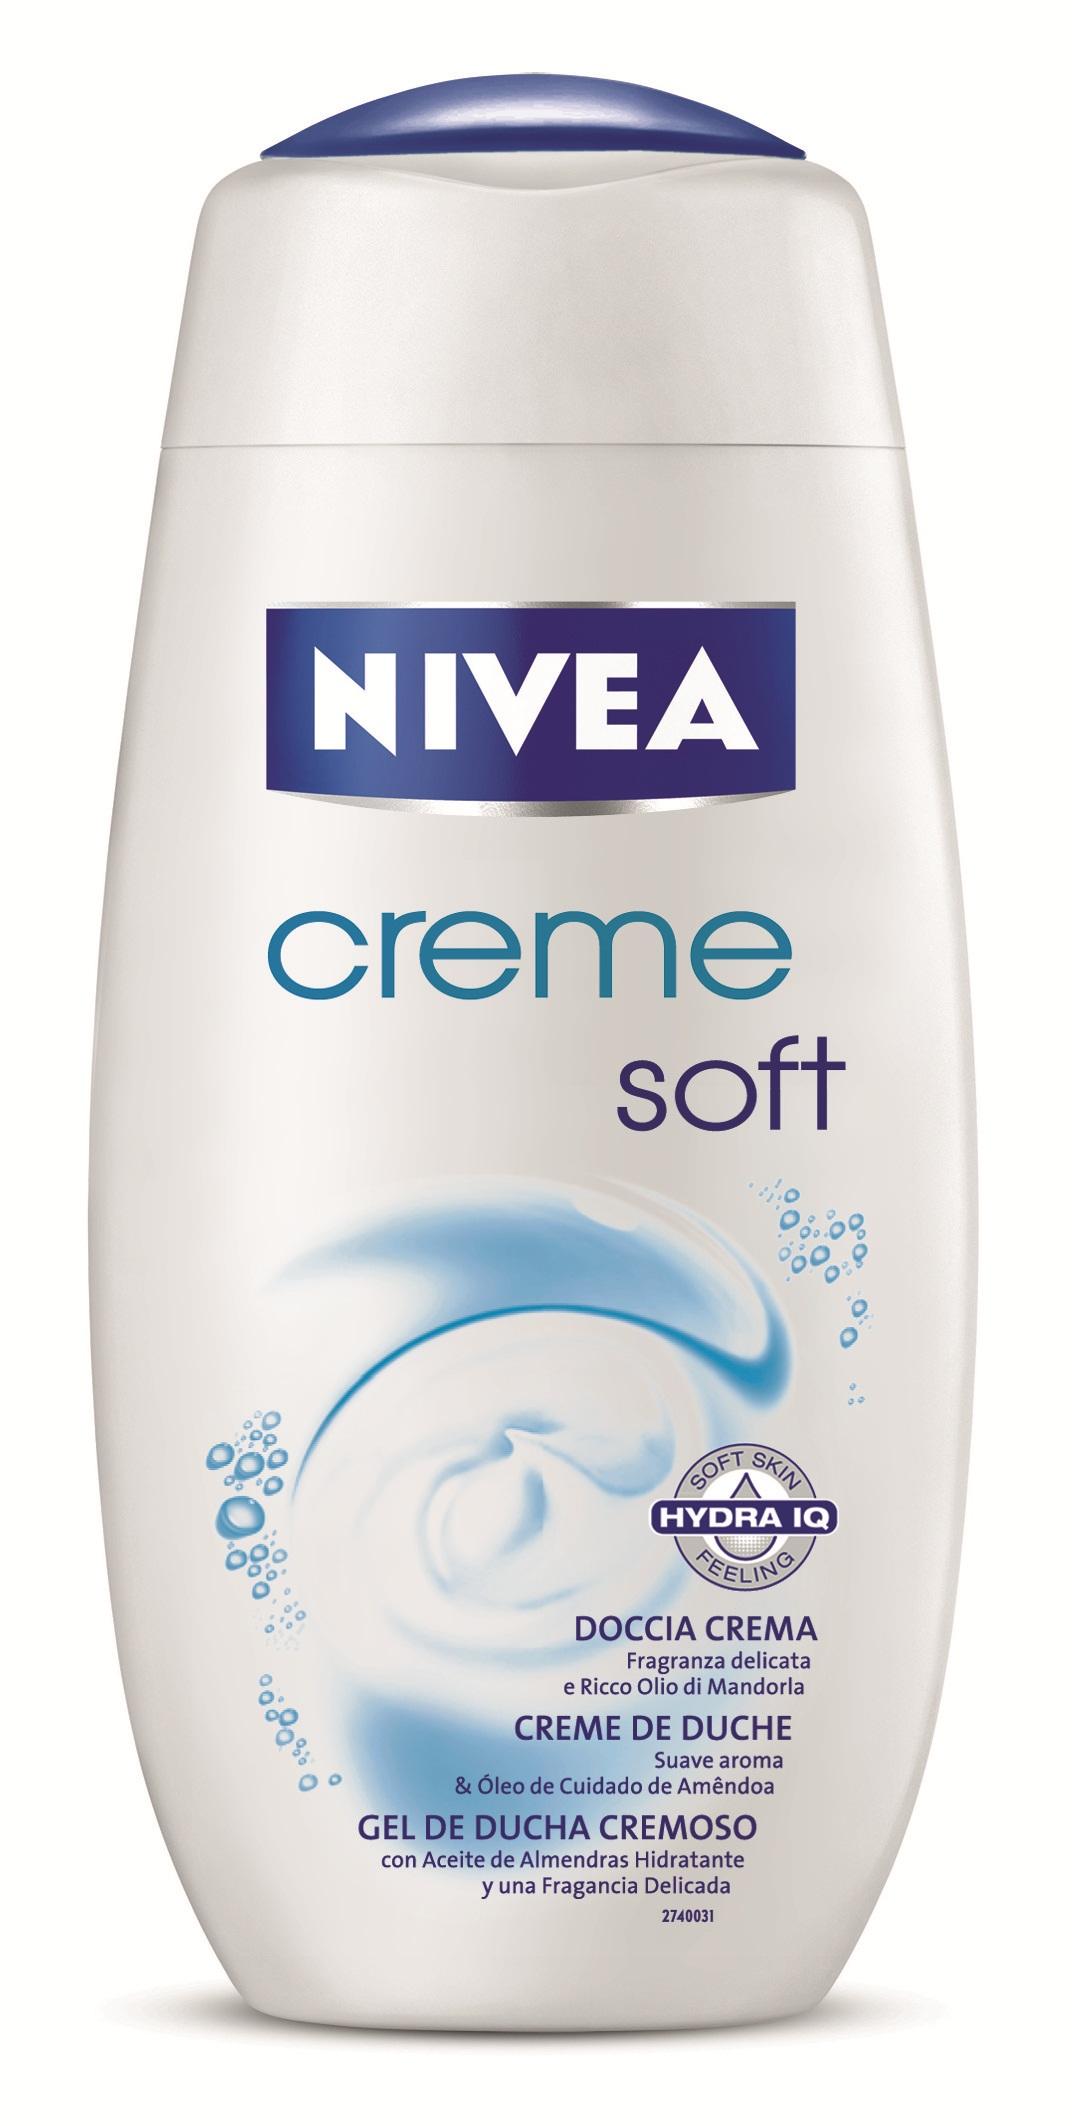 Doccia Creme Soft nivea